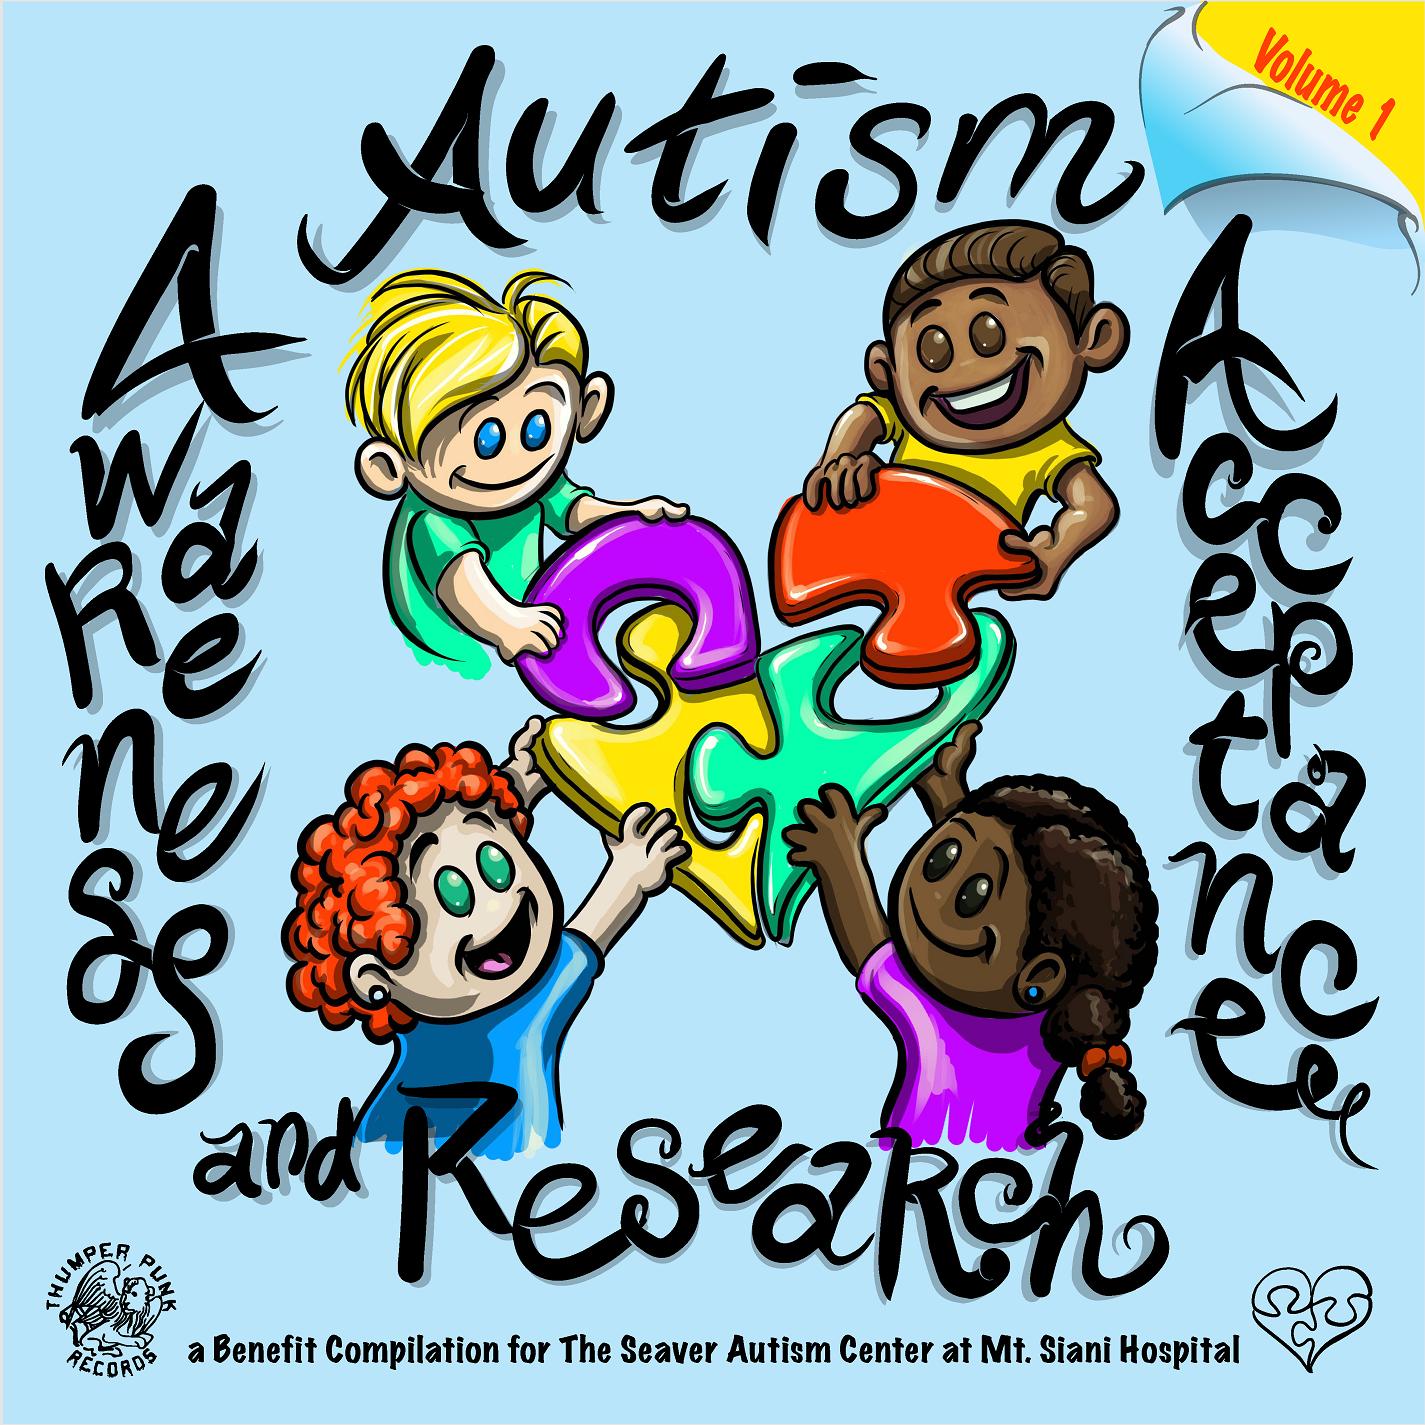 Autism_BenefitComp_Vol1_1425x1425.png